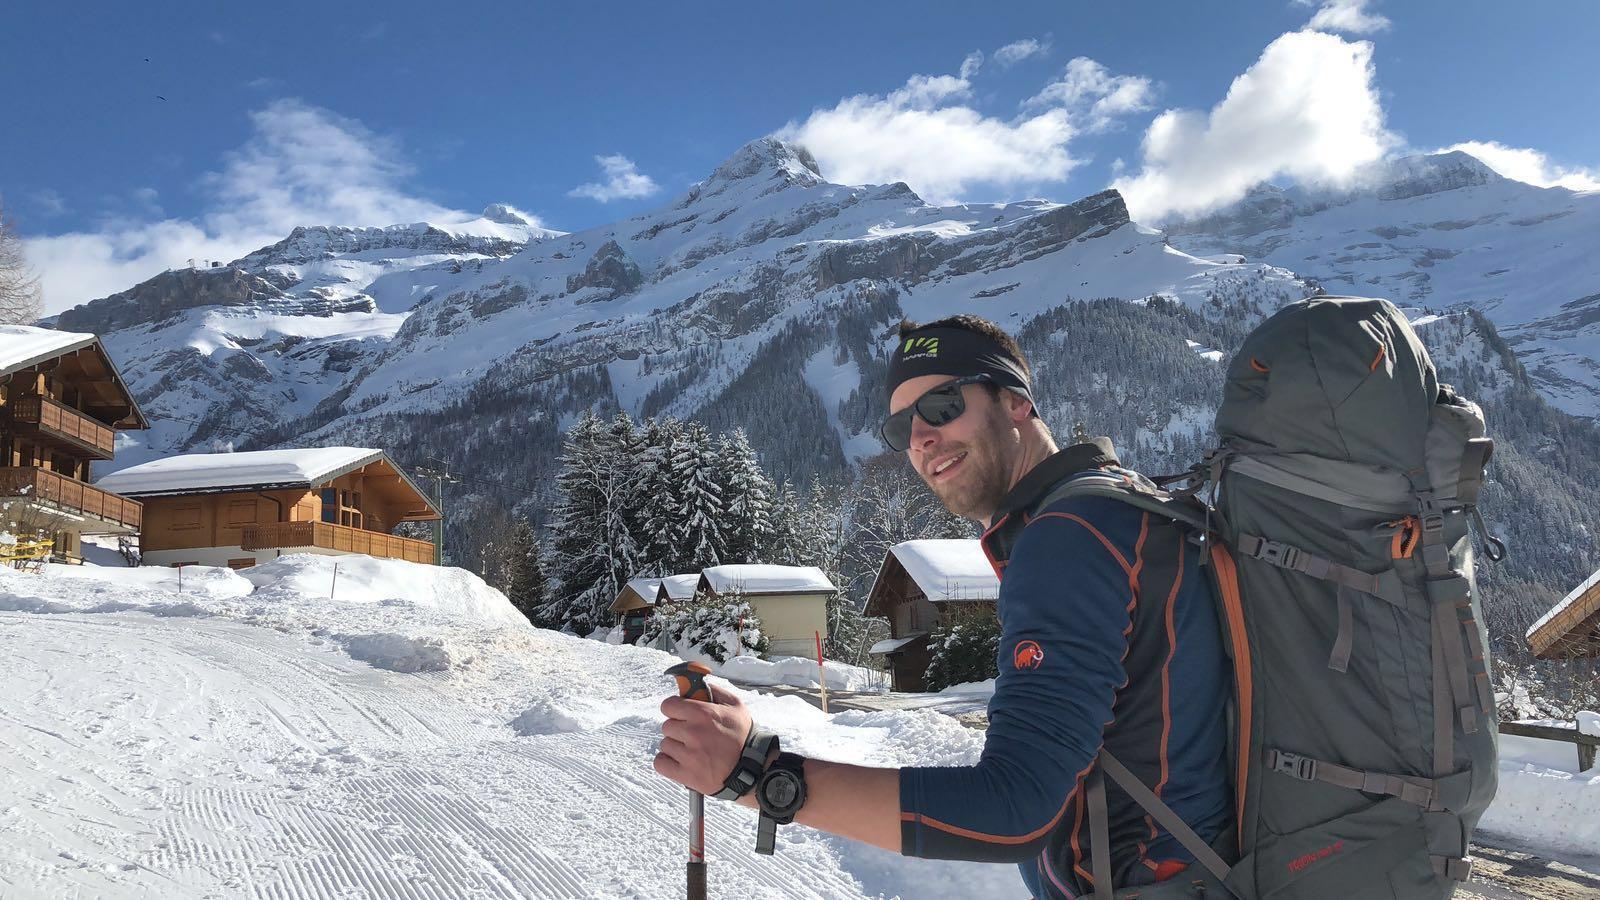 Isenau unplugged villars gryon les diablerets bex suisse - Office tourisme diablerets ...